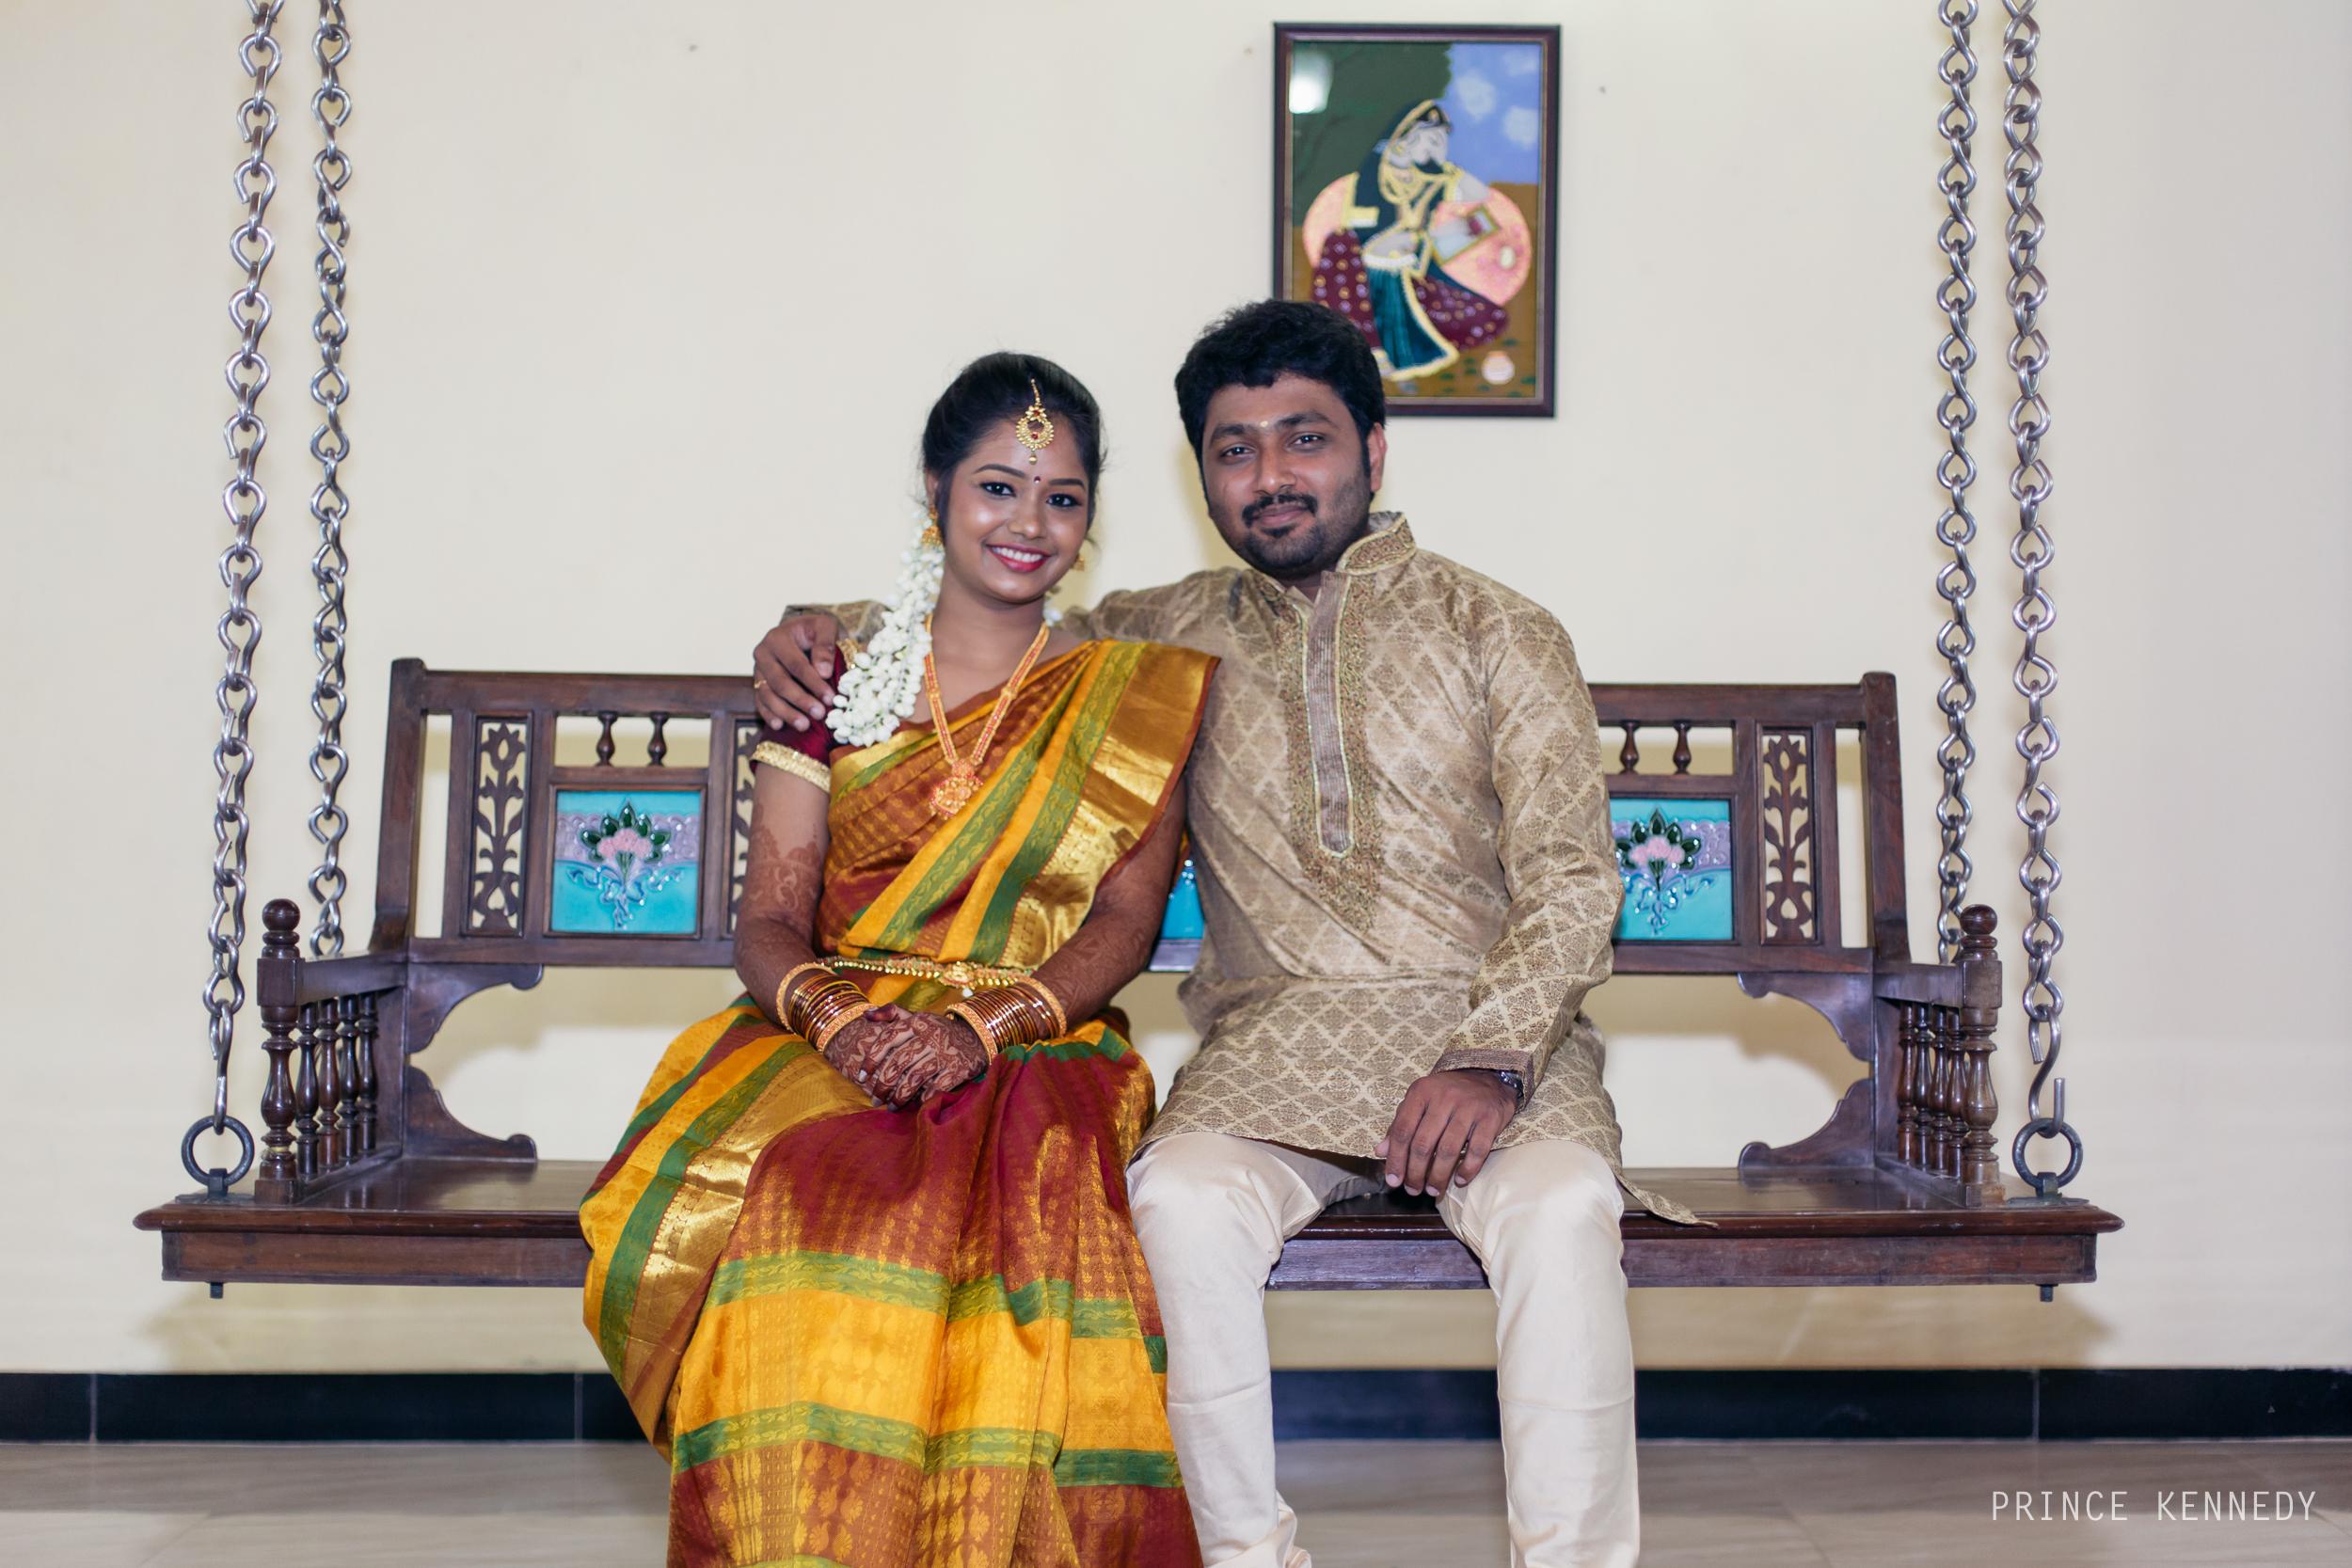 Engagement-Couple-Portrait-Portraiture-Wedding-Couple-Portrait-Chennai-Photographer-Candid-Photography-Destination-Best-Prince-Kennedy-Photography-166.jpg